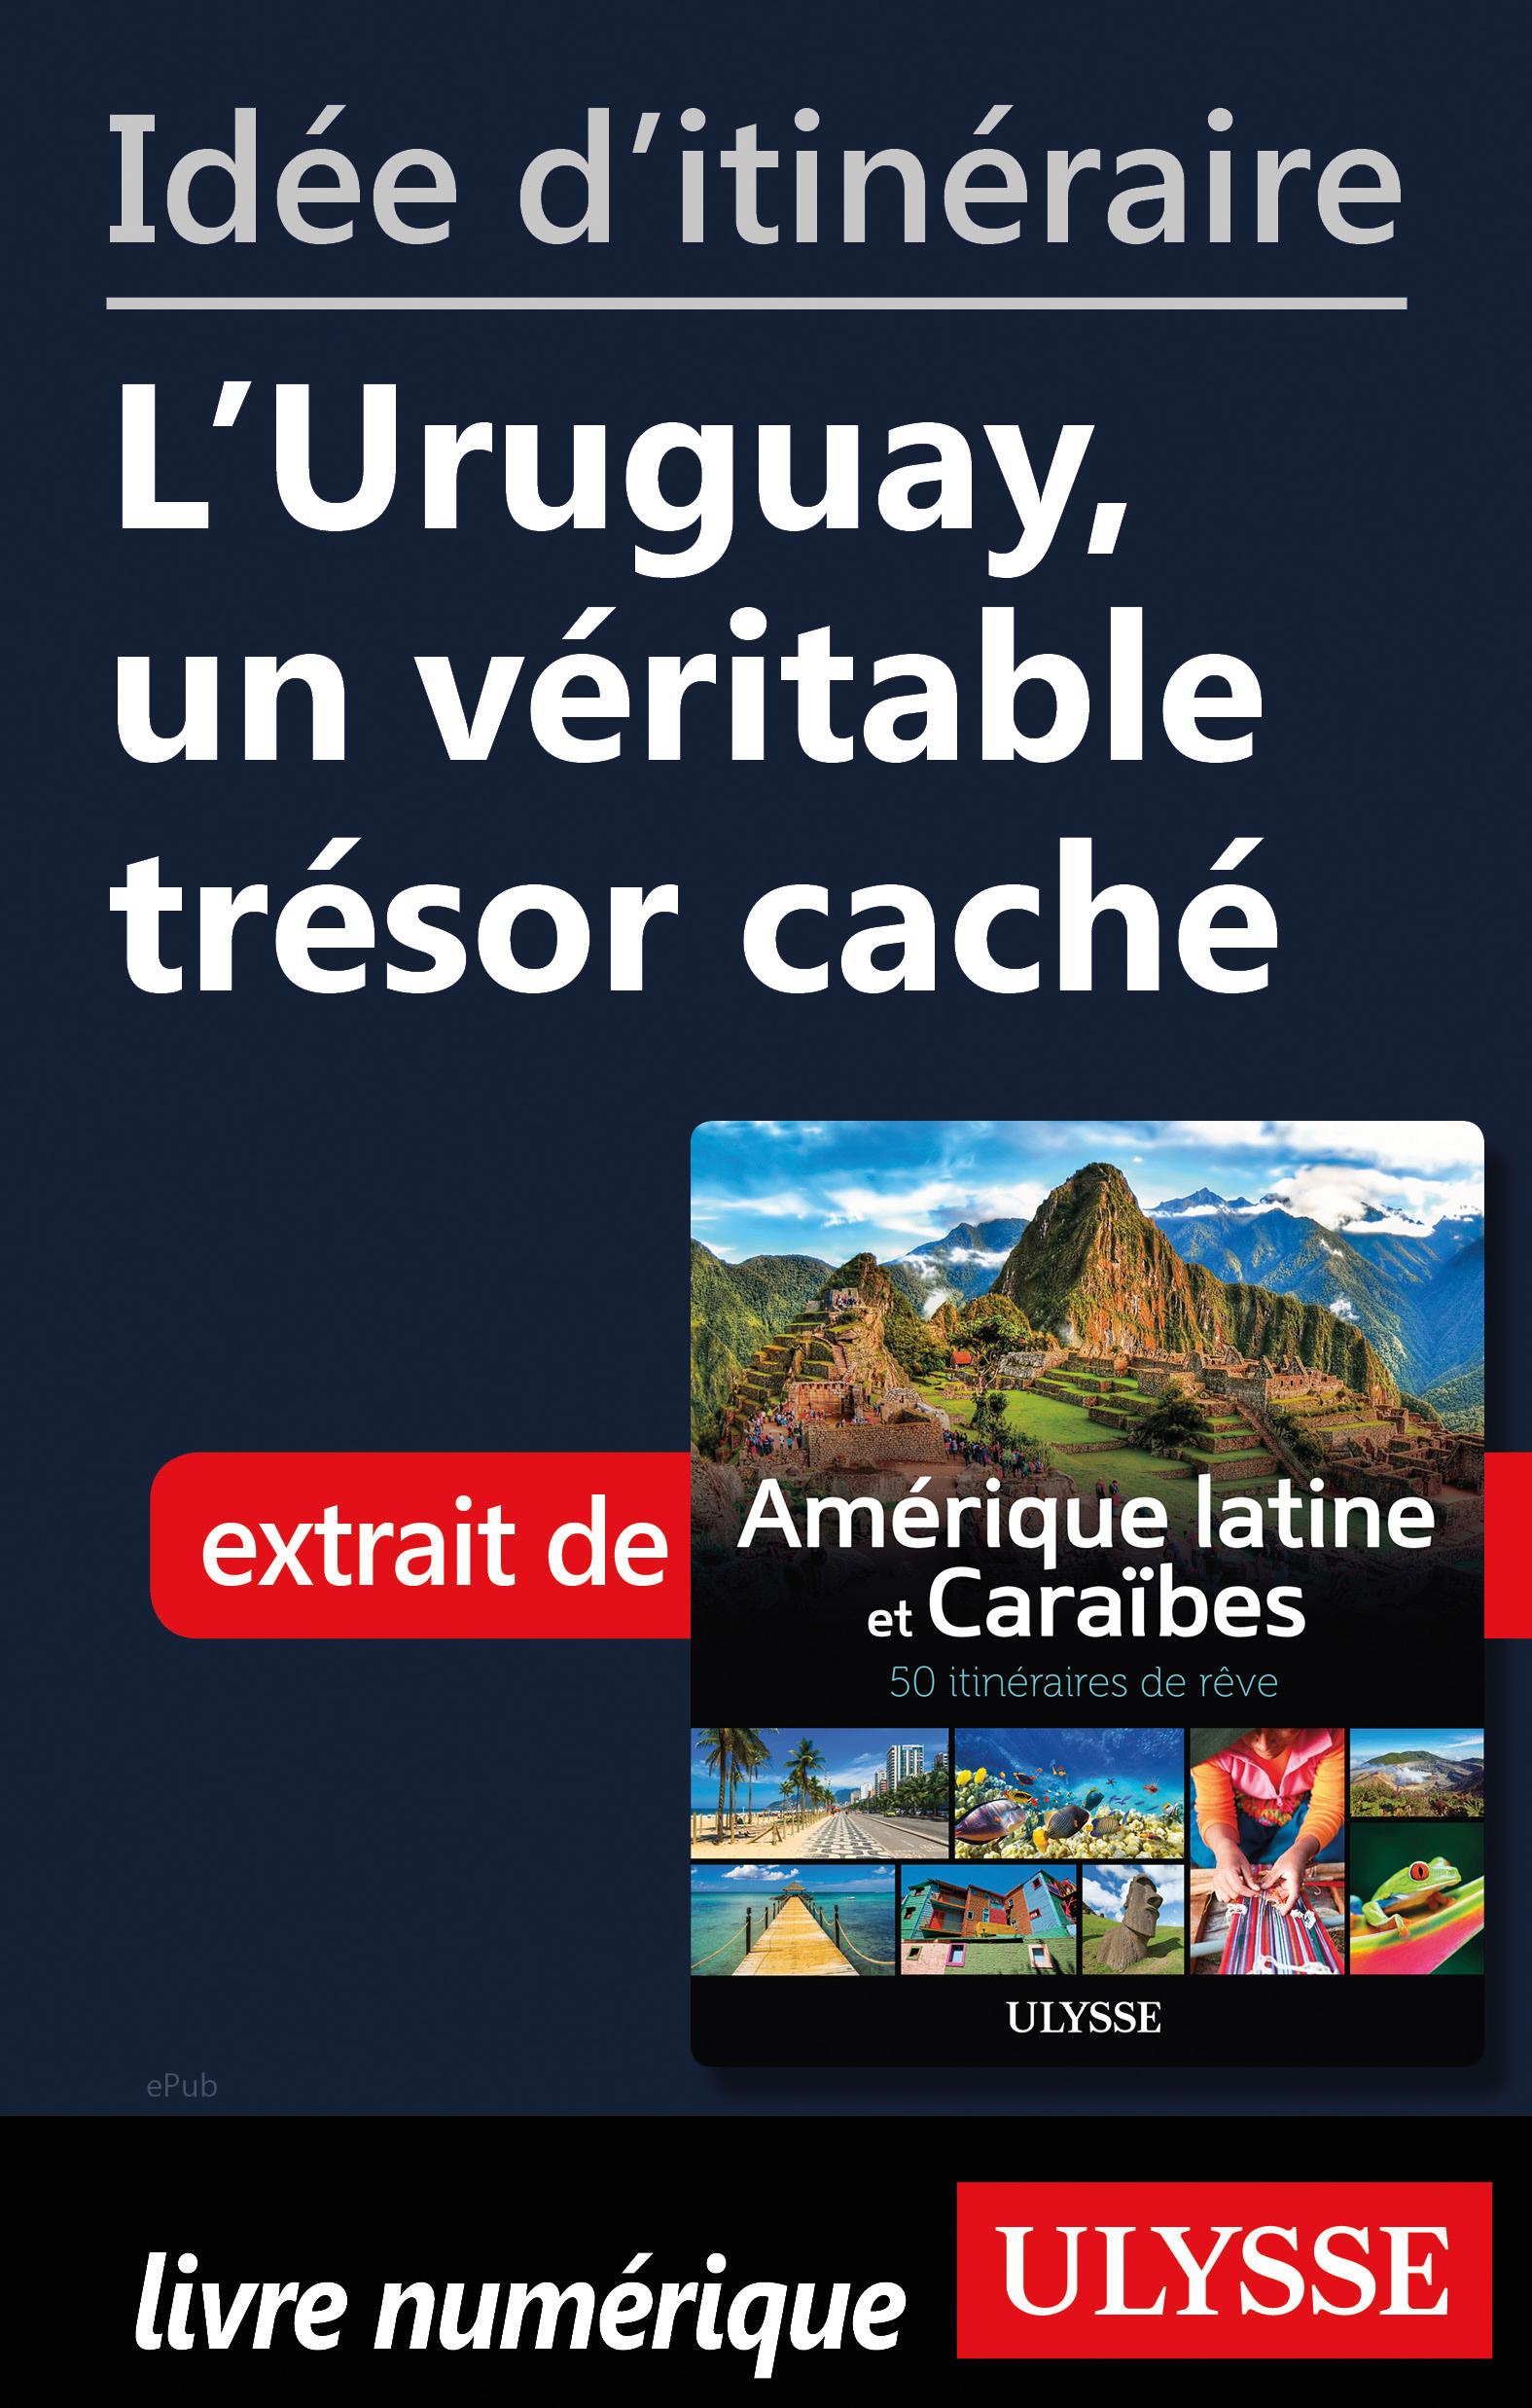 Idée d'itinéraire - L'Uruguay, un véritable trésor caché